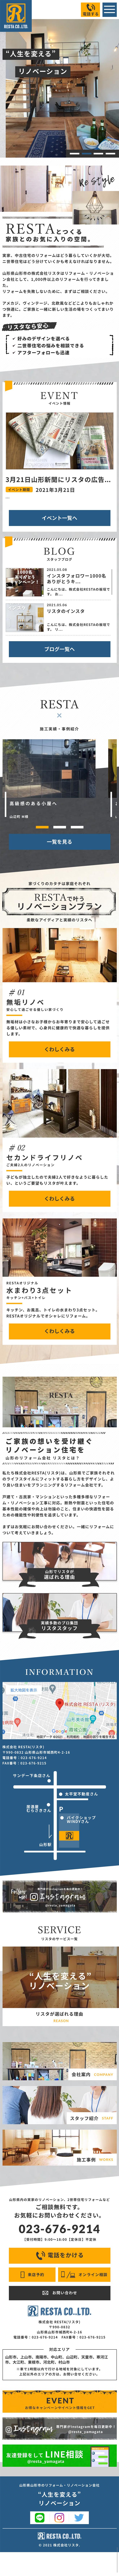 株式会社リスタ 様 SPデザイン